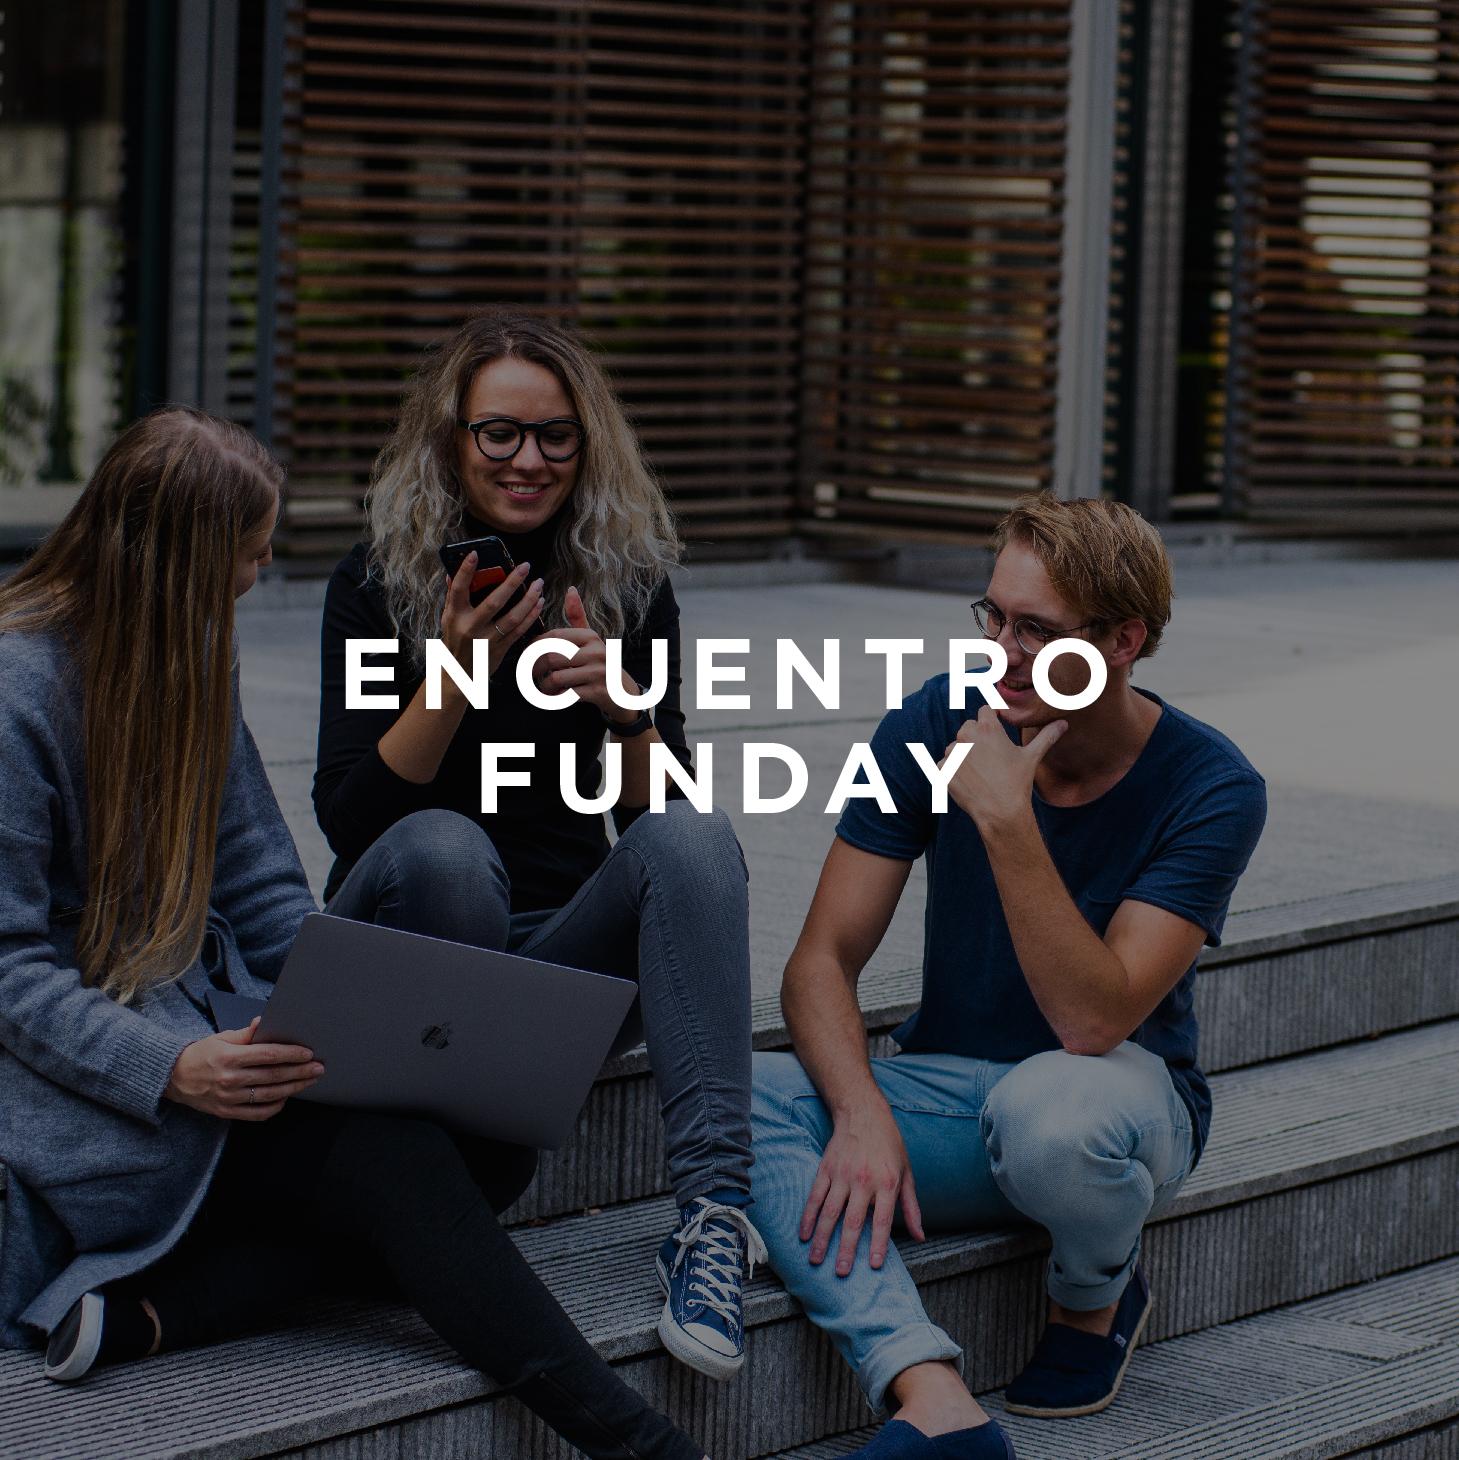 Encuentro Funday